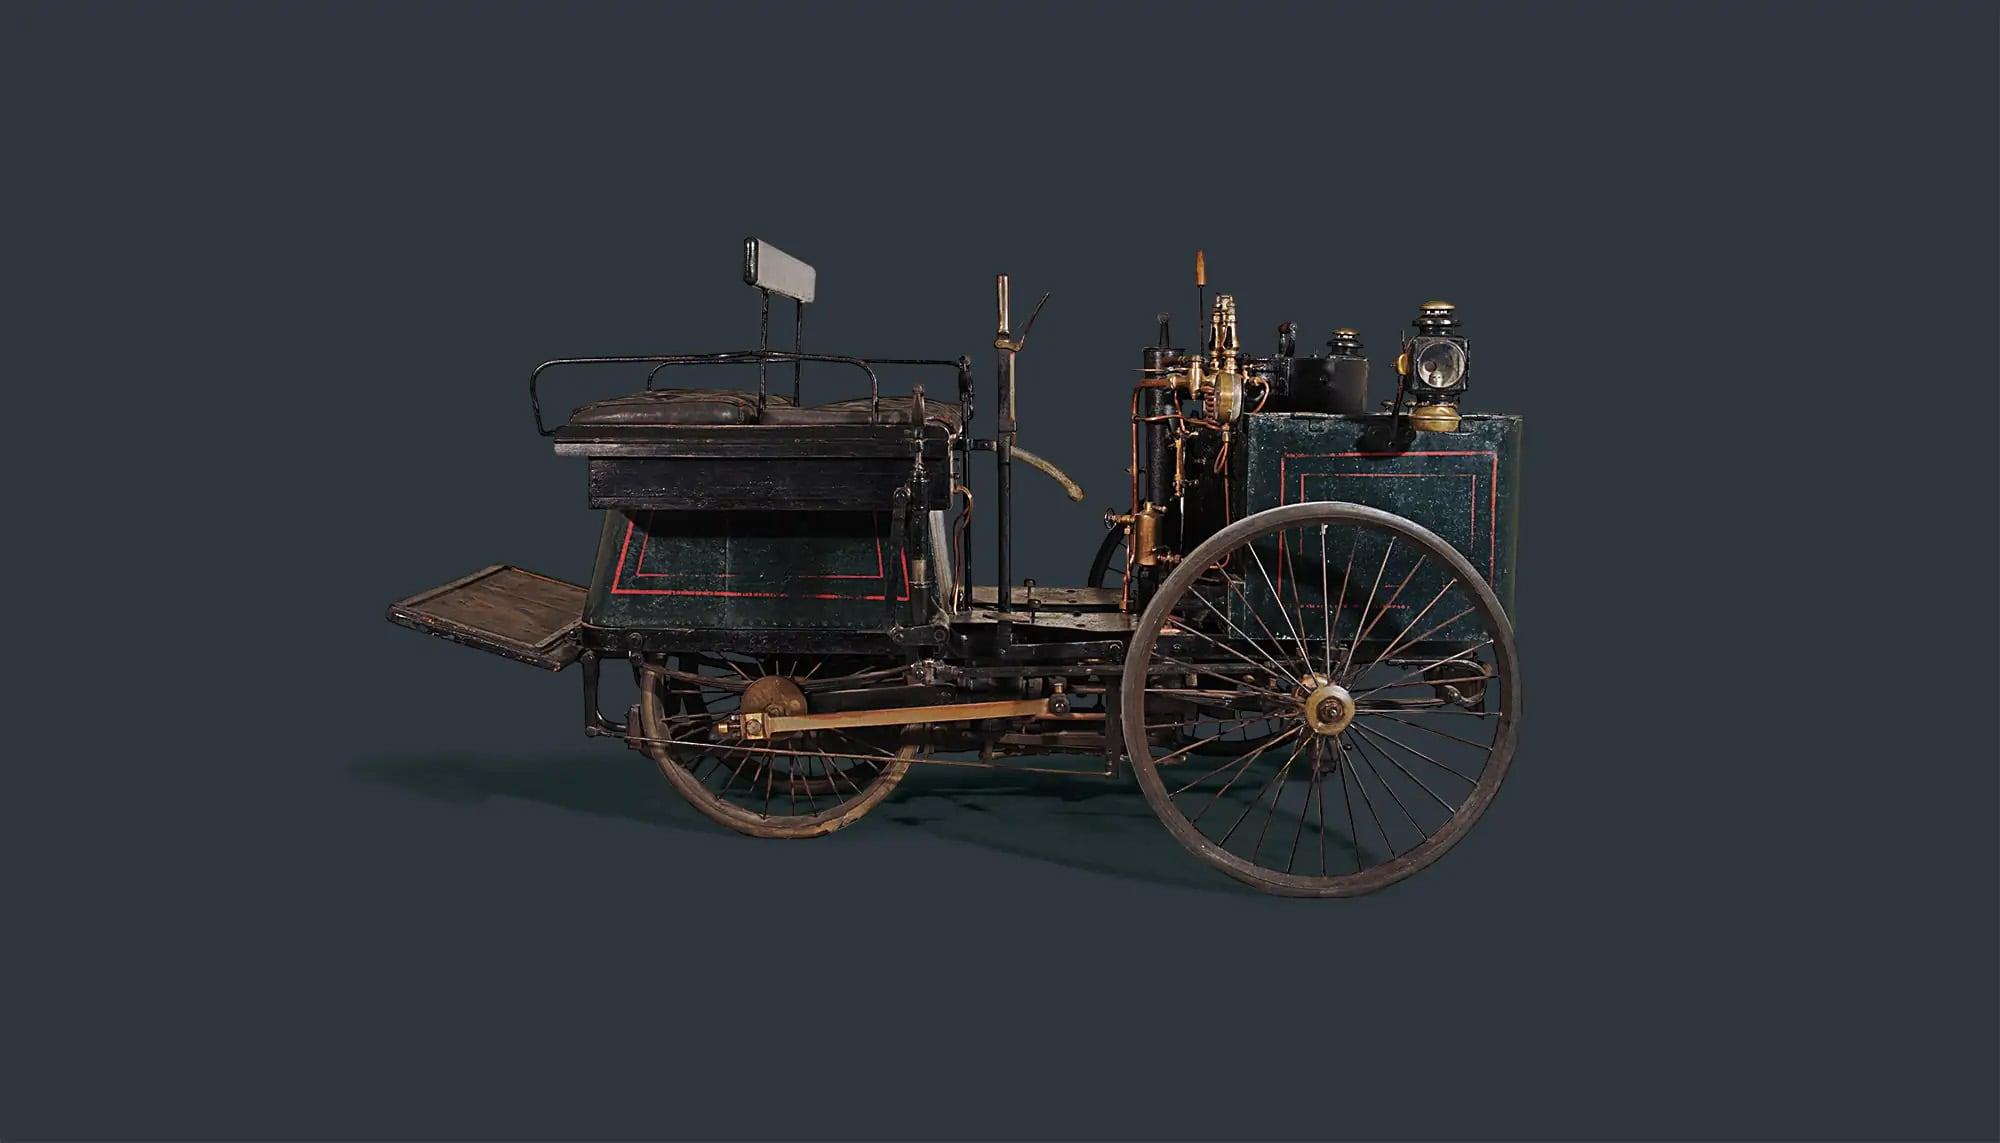 Bekijk DE DION-BOUTON ET TREPARDOUX STEAM QUADRICYCLE in het Louwman Museum